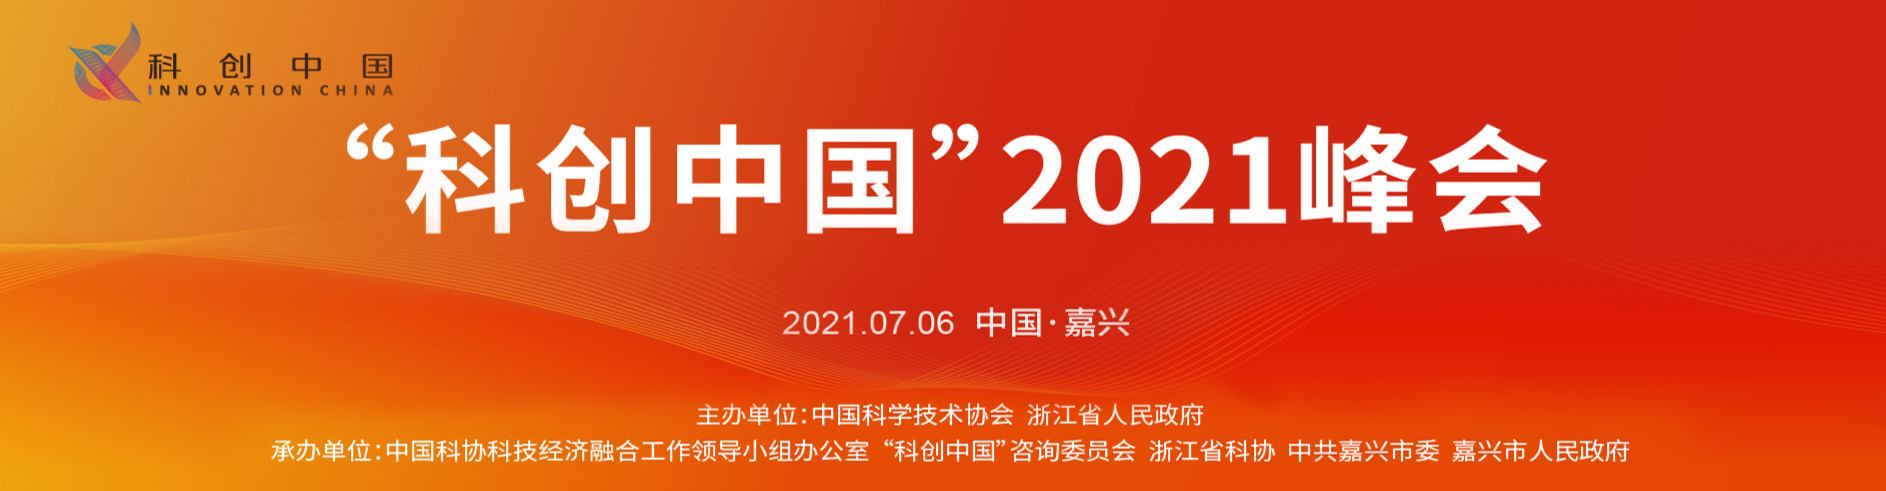 """""""科创中国""""2021峰会"""